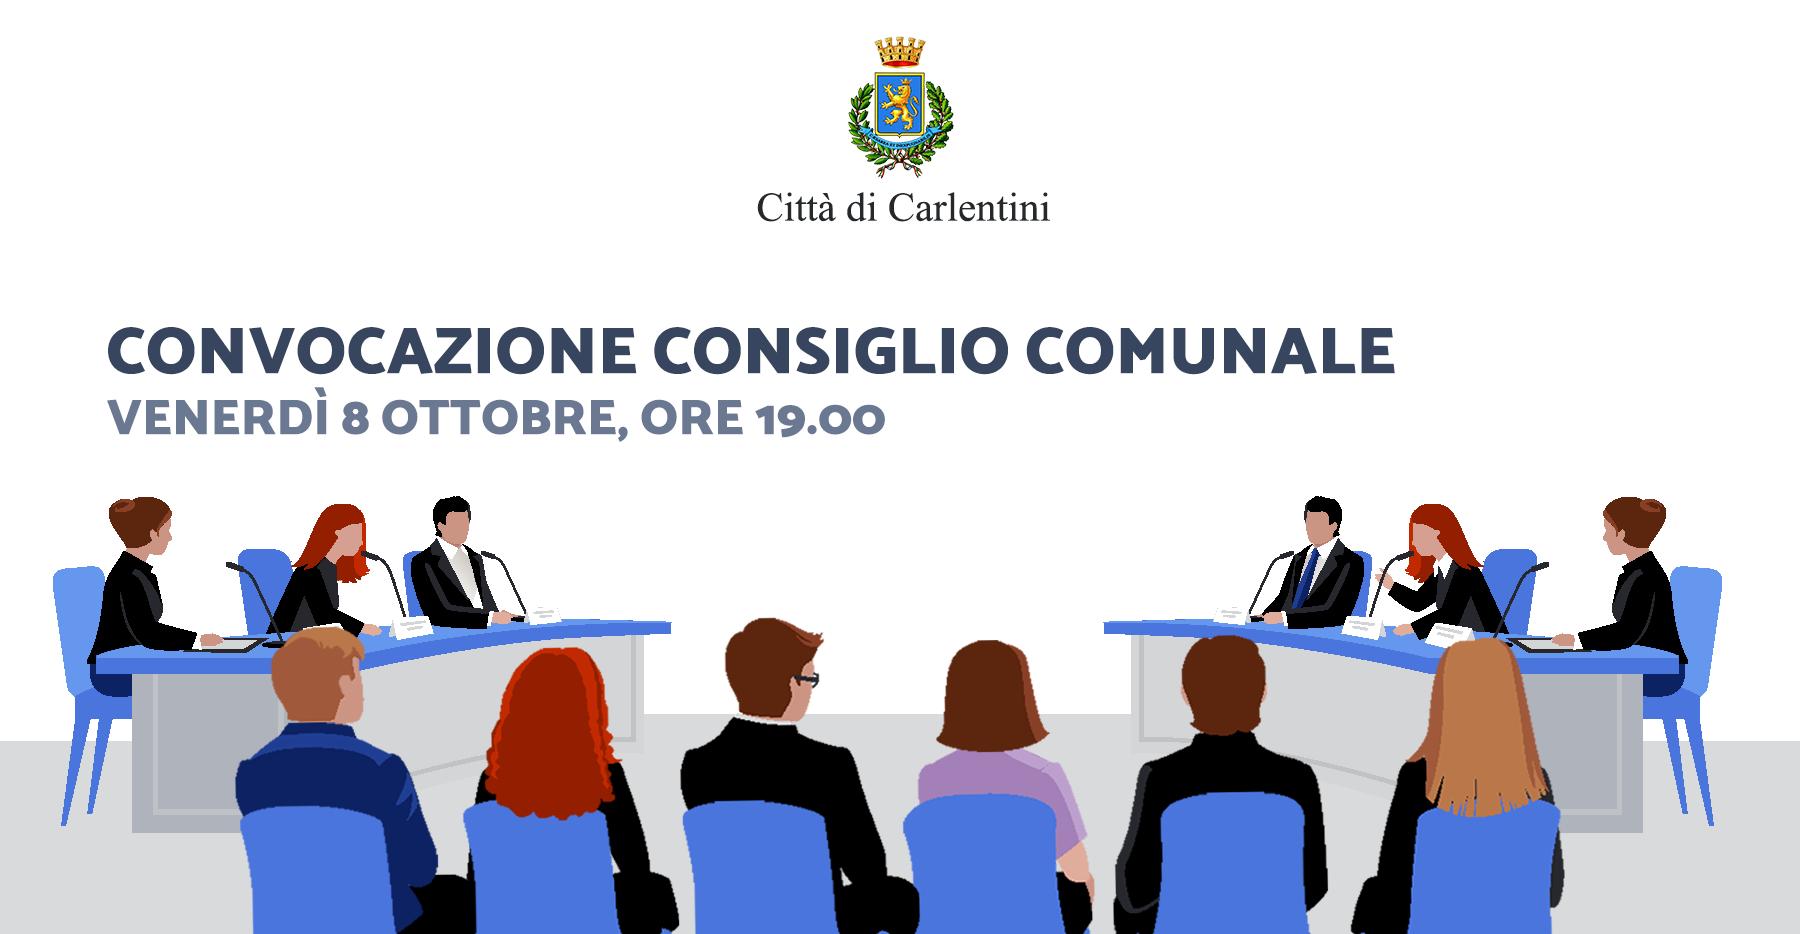 Consiglio Comunale: convocazione per venerdì 8 ottobre